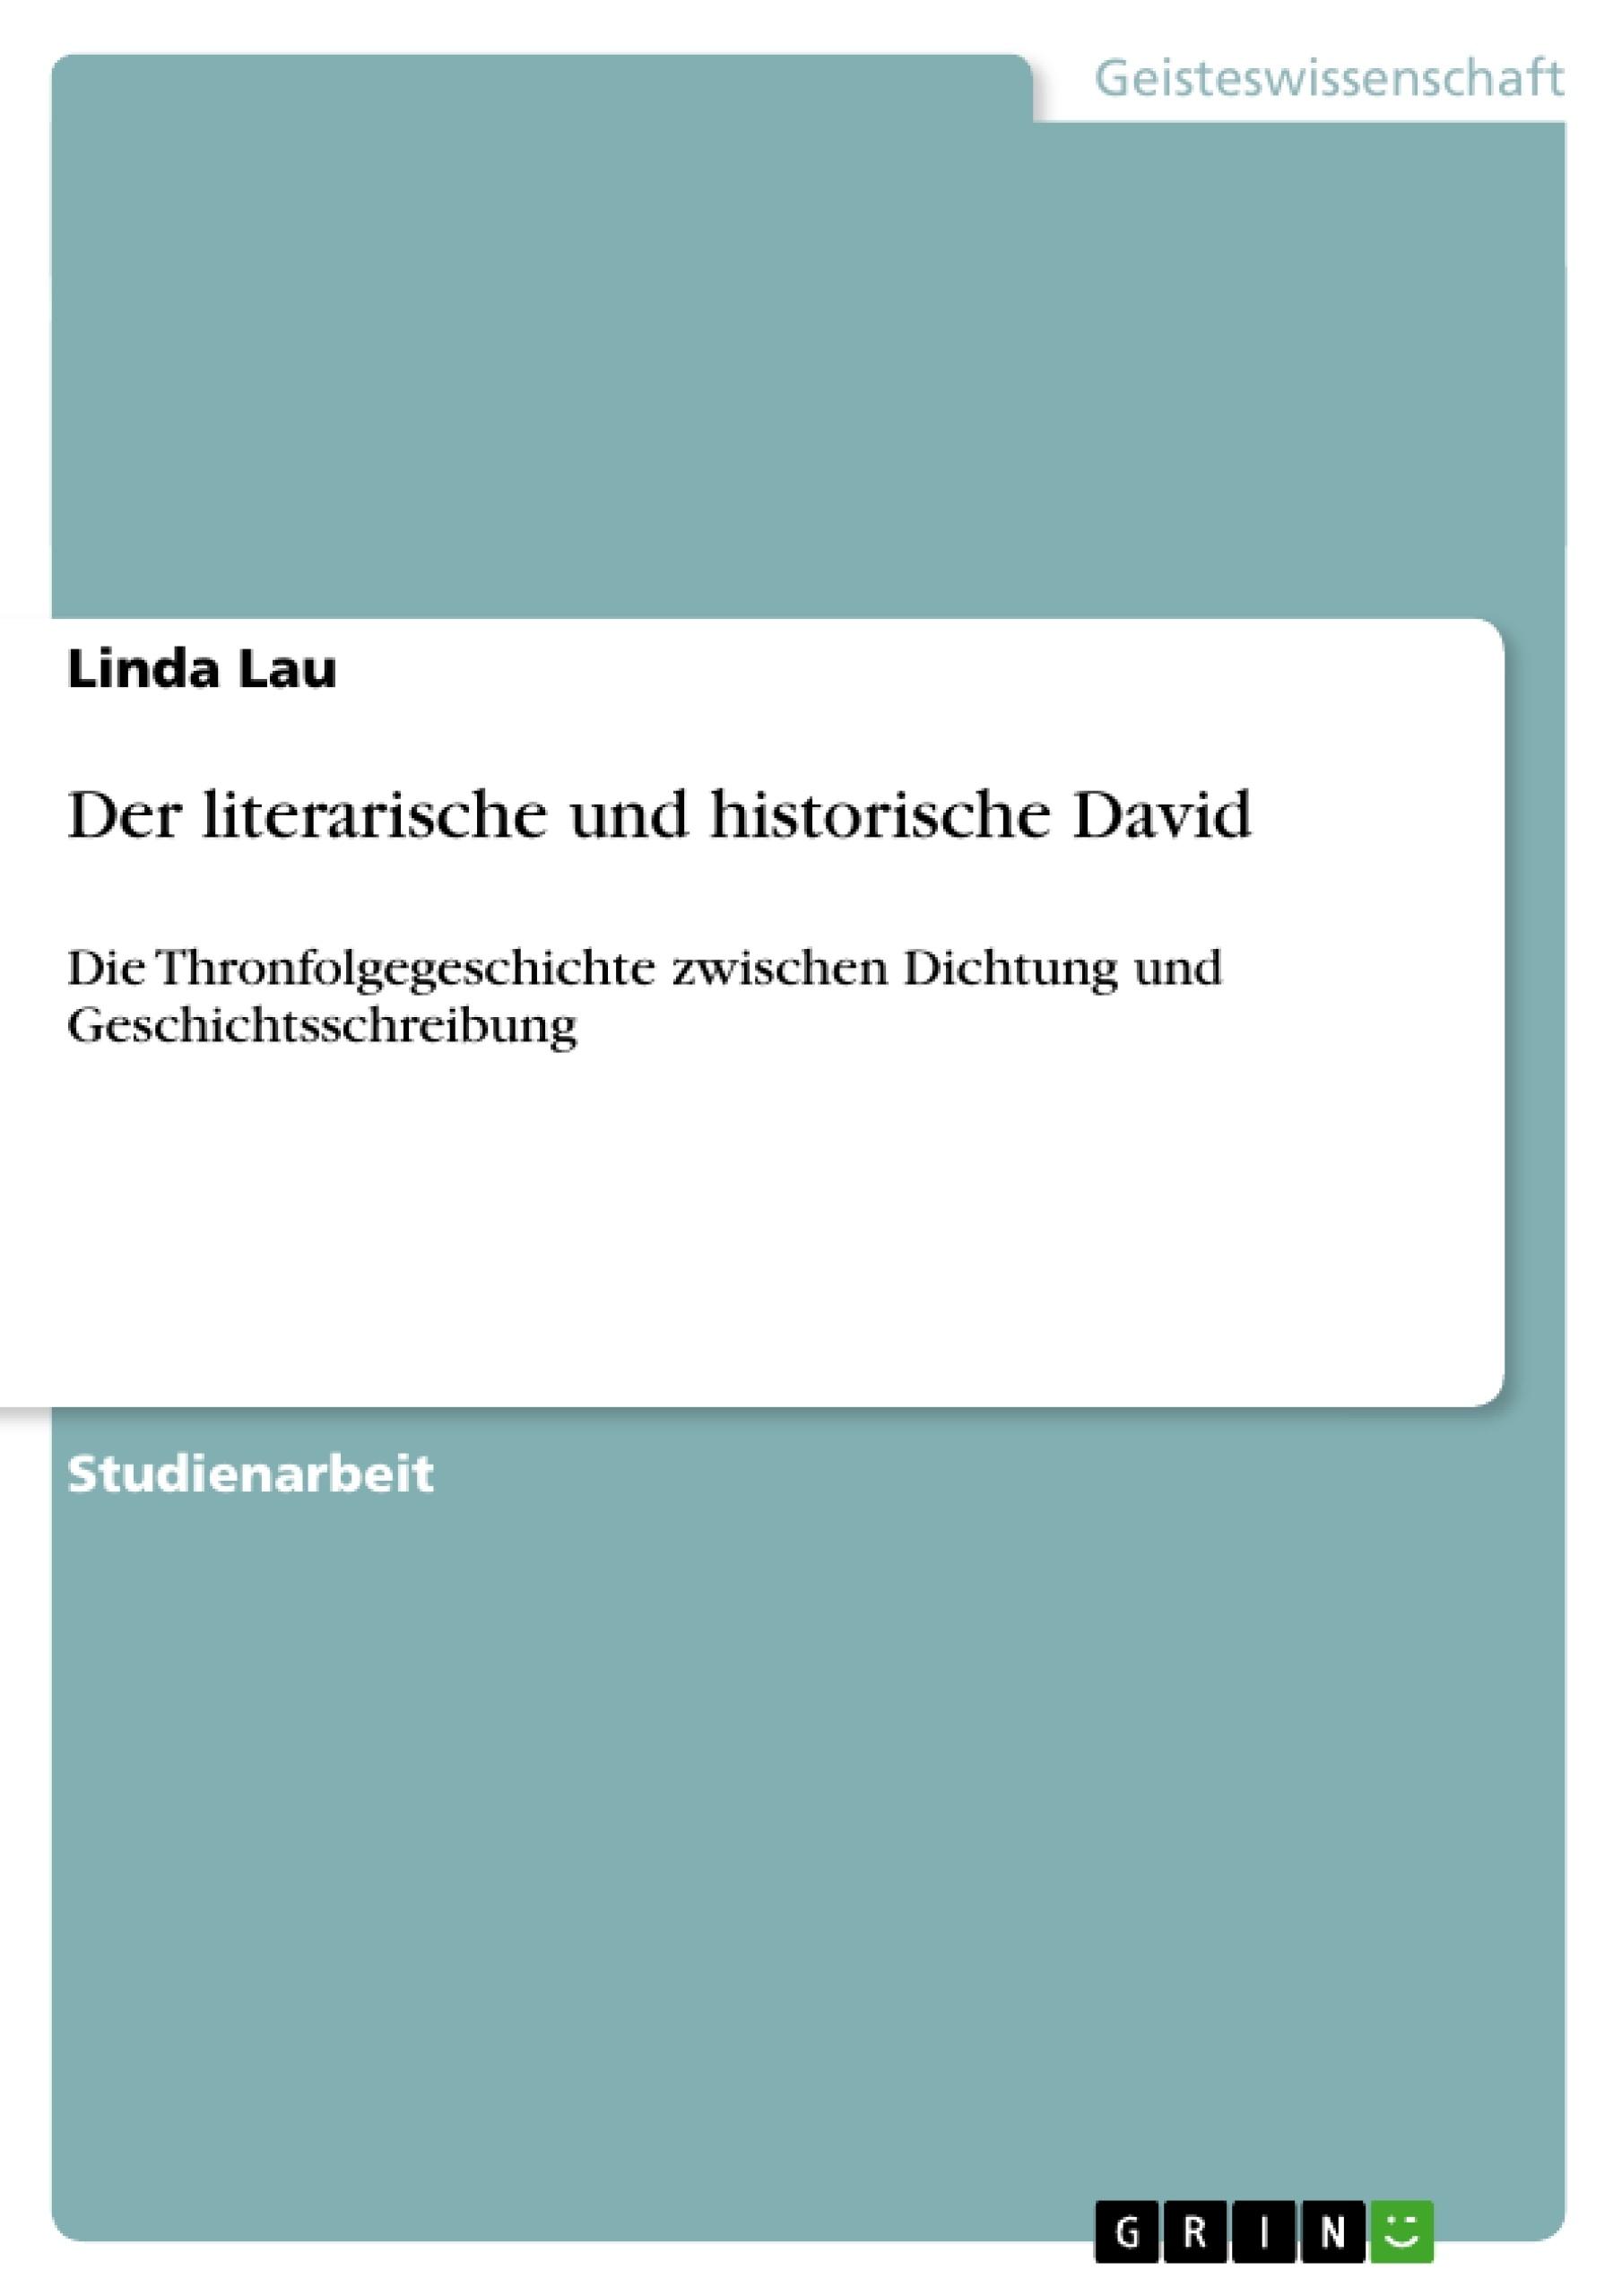 Titel: Der literarische und historische David